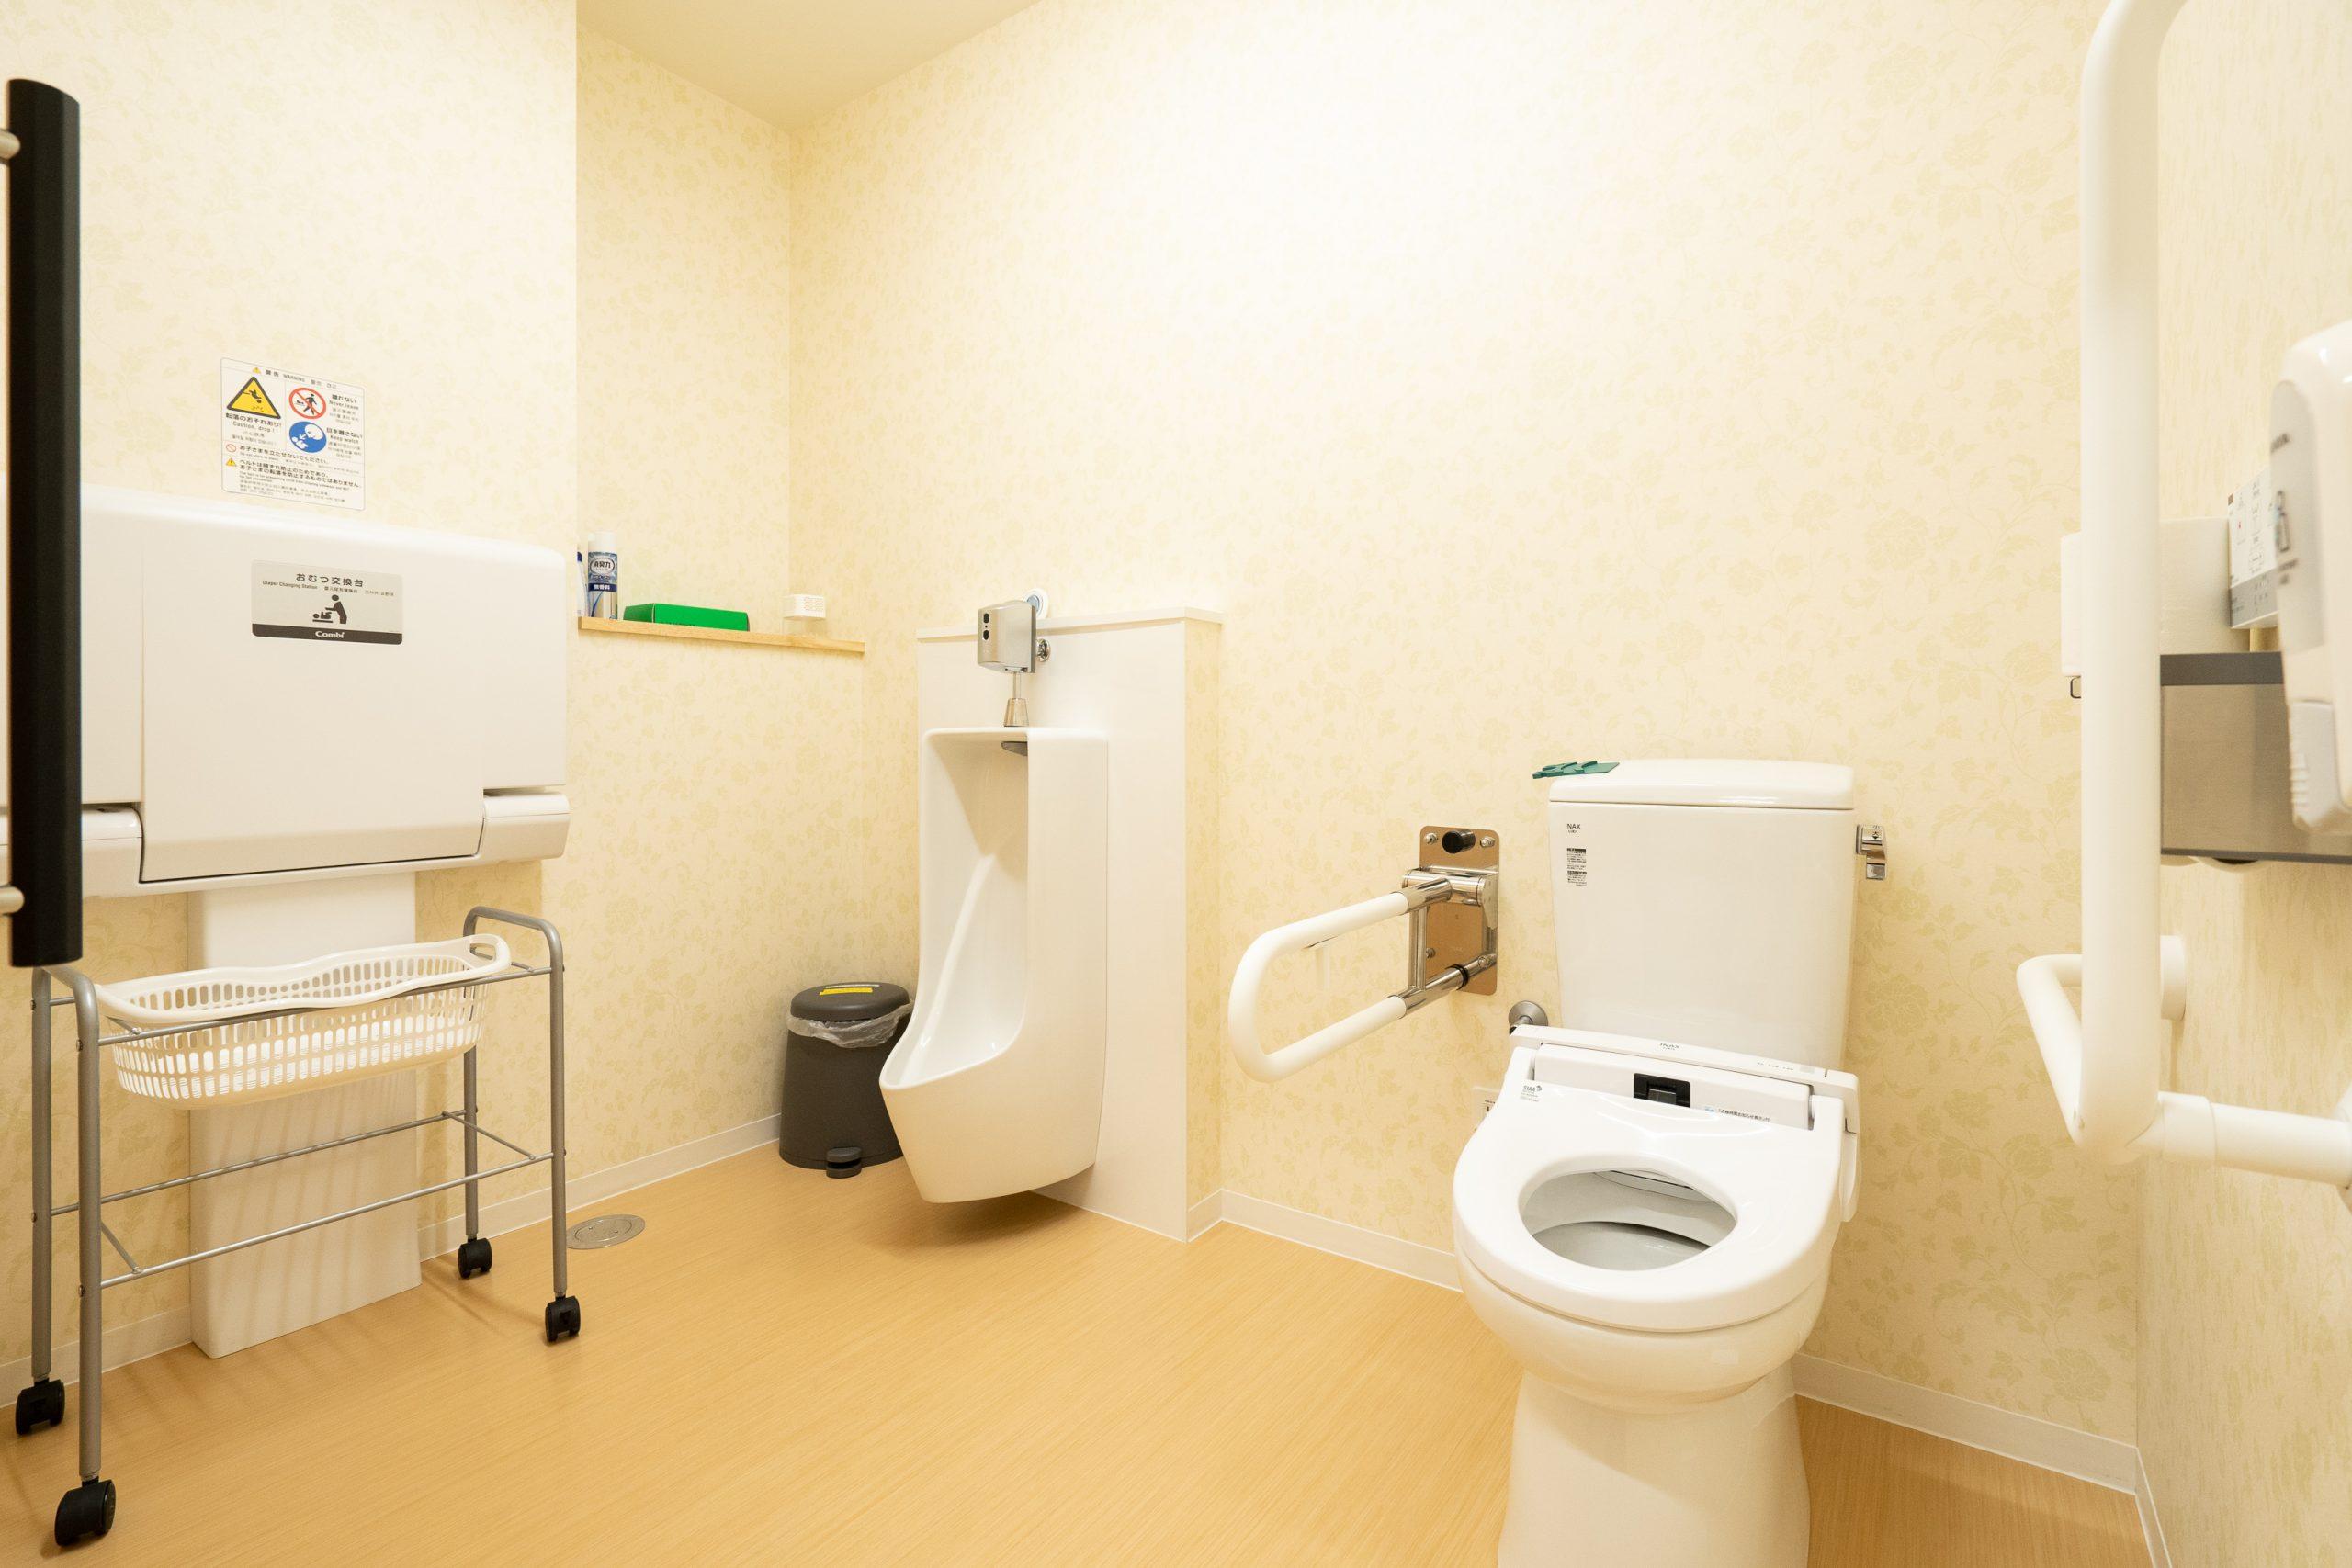 多目的トイレを完備|泉大沢ファミリークリニック